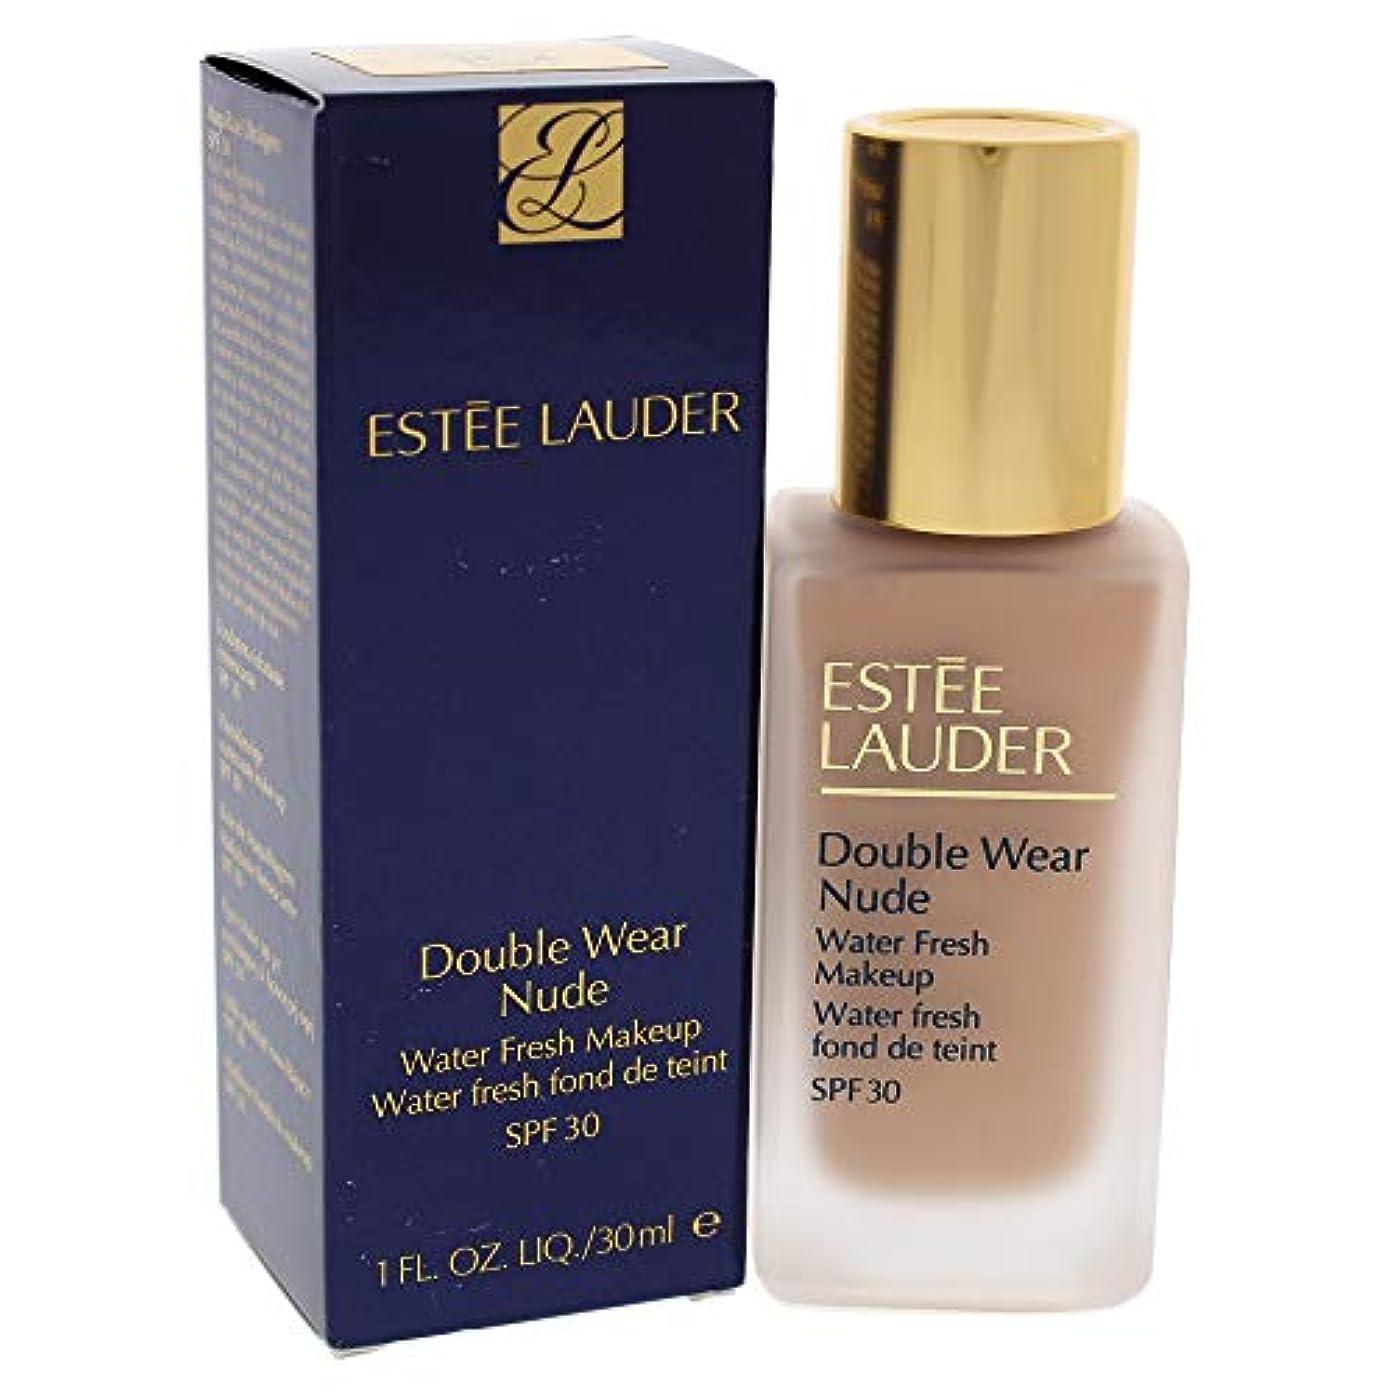 エイリアンシャーロックホームズ有料エスティローダー Double Wear Nude Water Fresh Makeup SPF 30 - # 3C2 Pebble 30ml/1oz並行輸入品